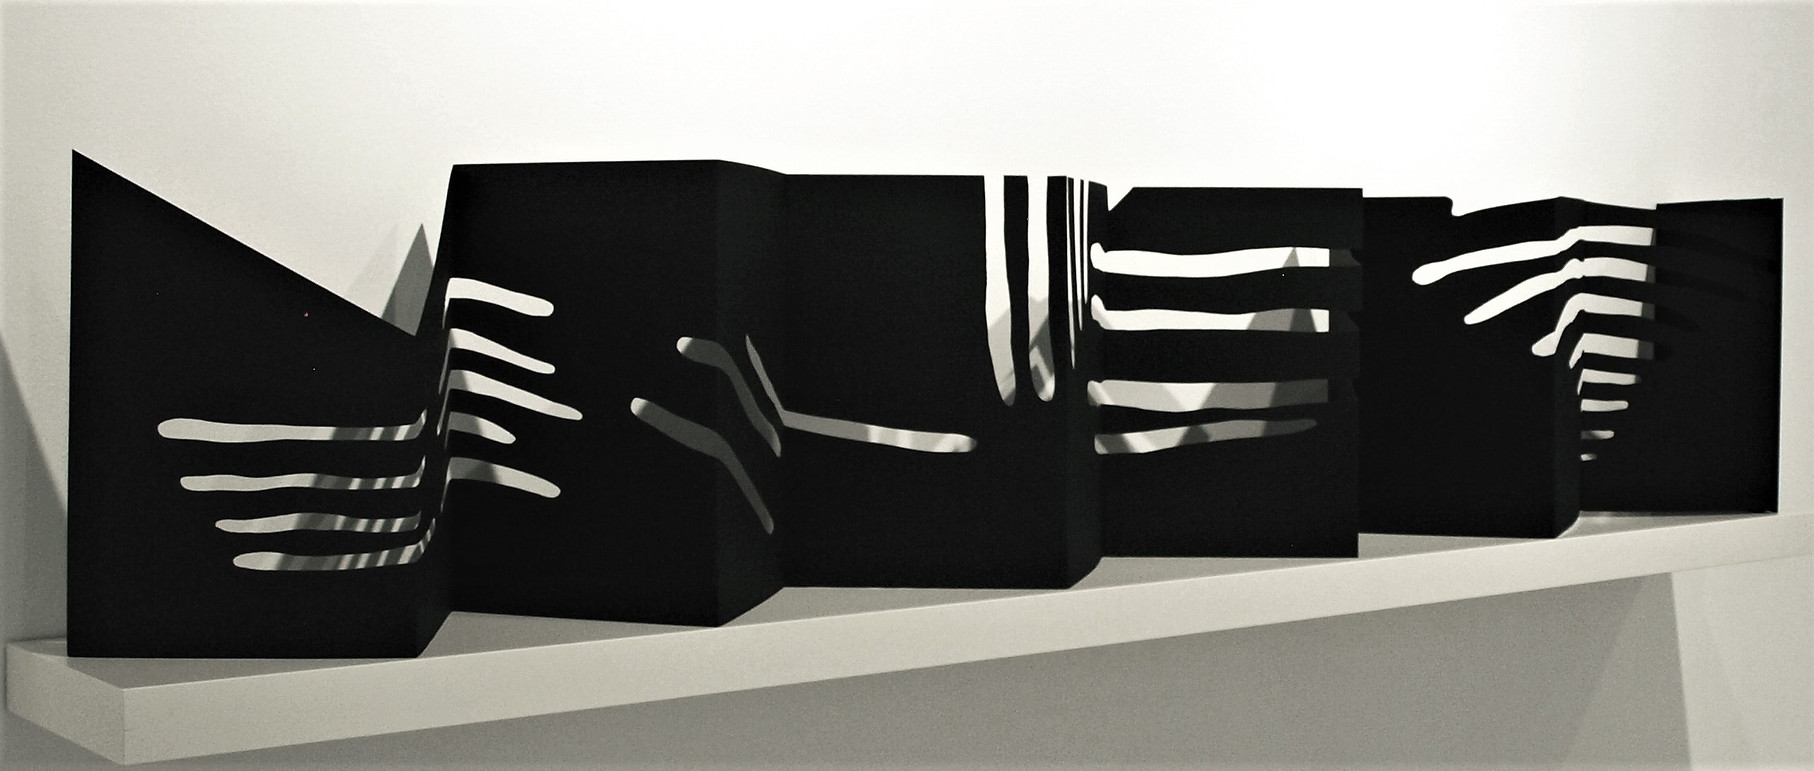 Negro, 2012